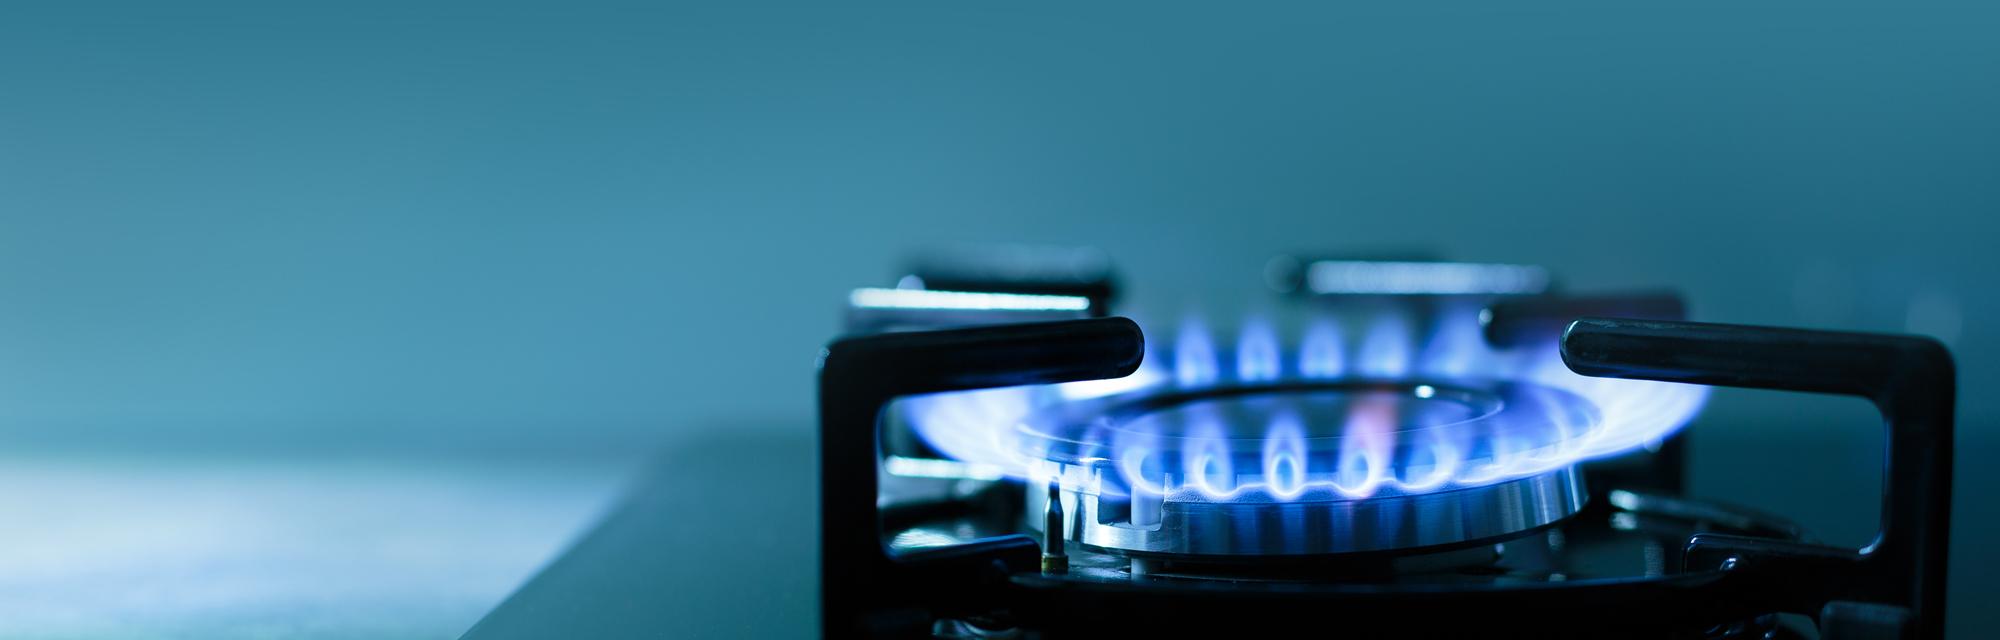 natural gas stove-top burner